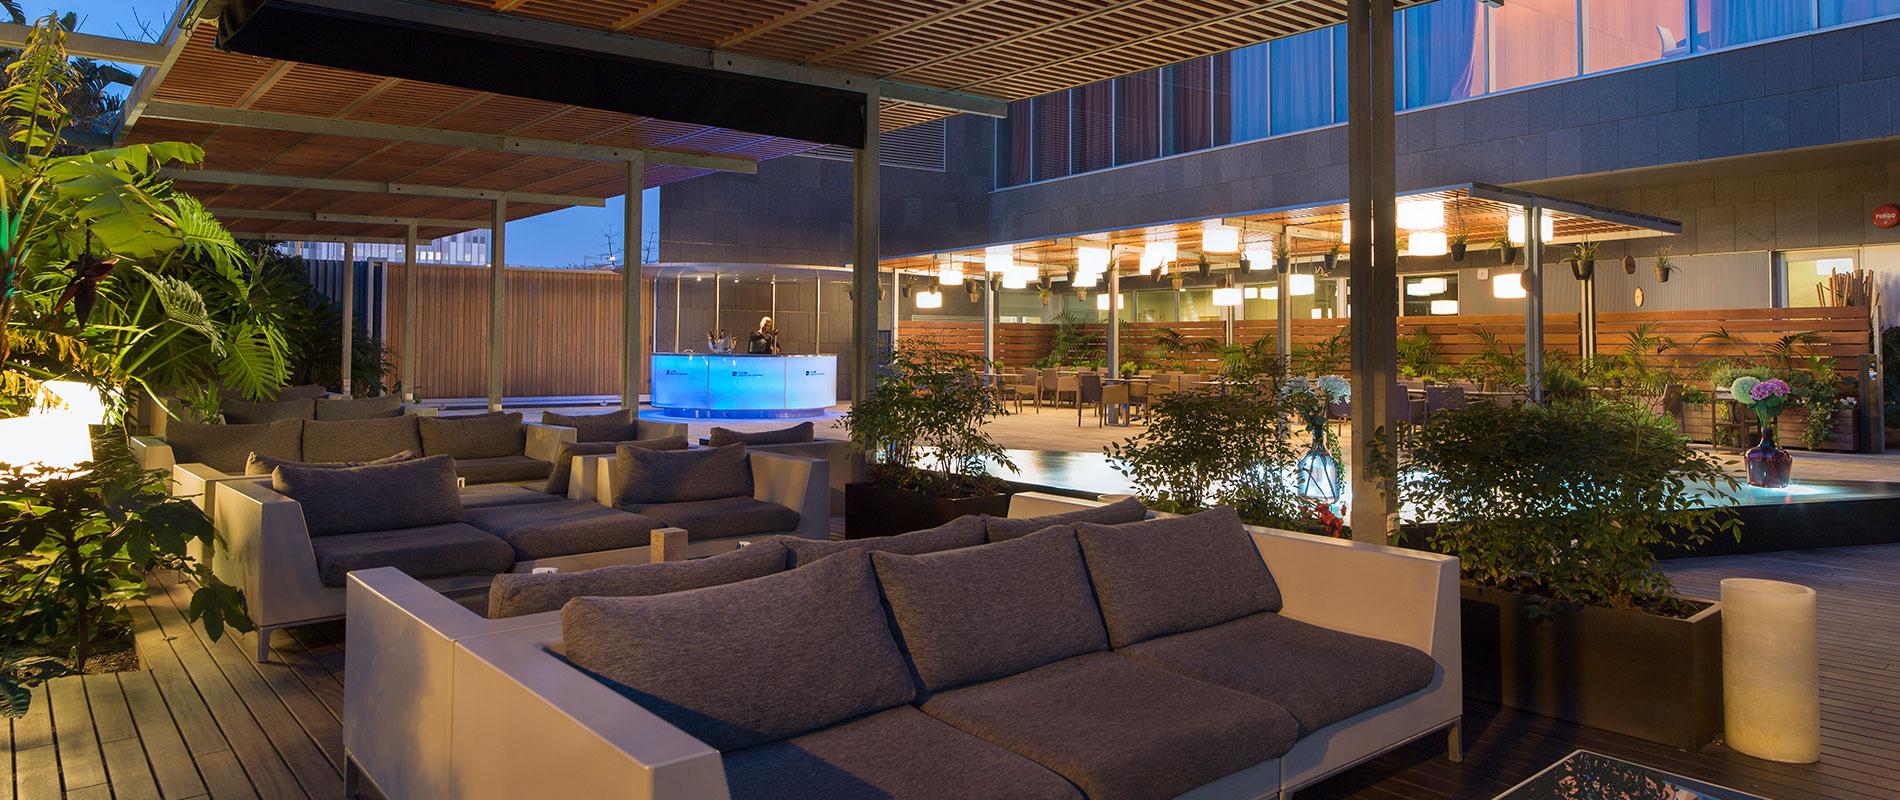 Hotel Sb Diagonal